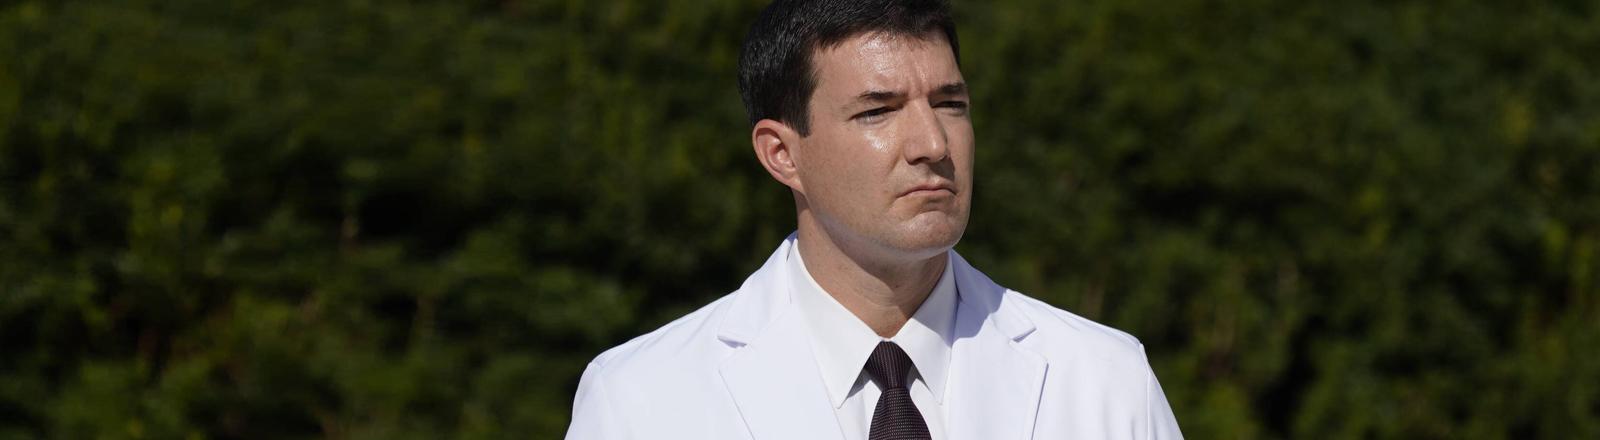 Der Arzt Sean Conley am 05.10.2020.